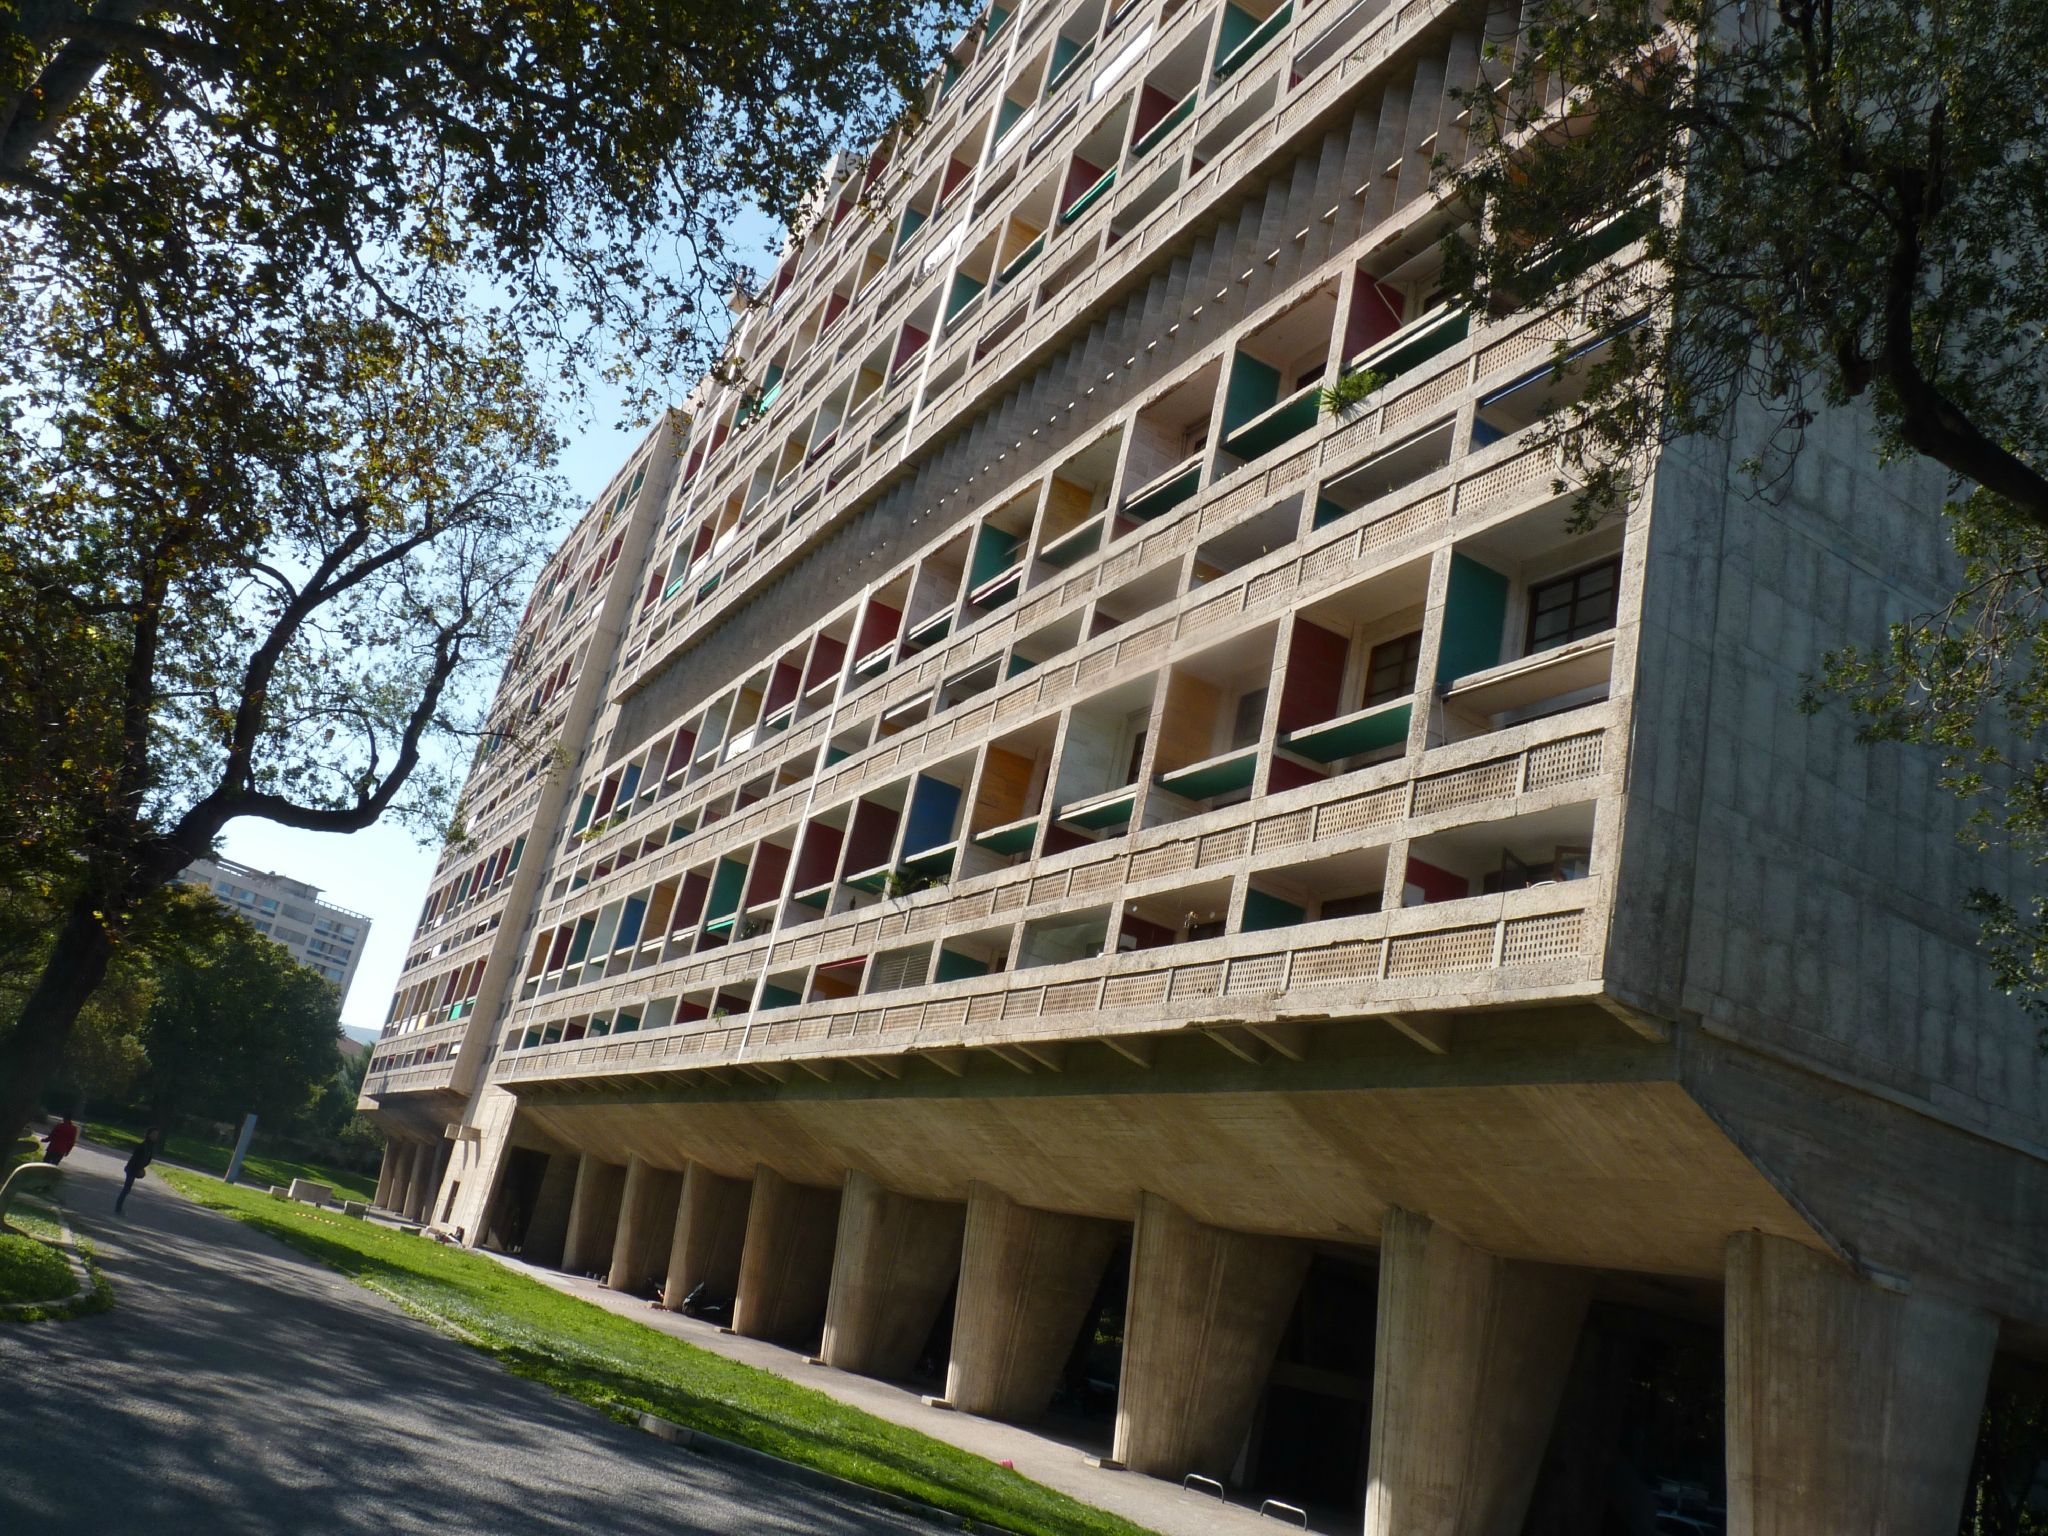 Marseille 2 La Cite Radieuse Chemins De Traverse Le Corbusier Marseille Marseille Radieuse